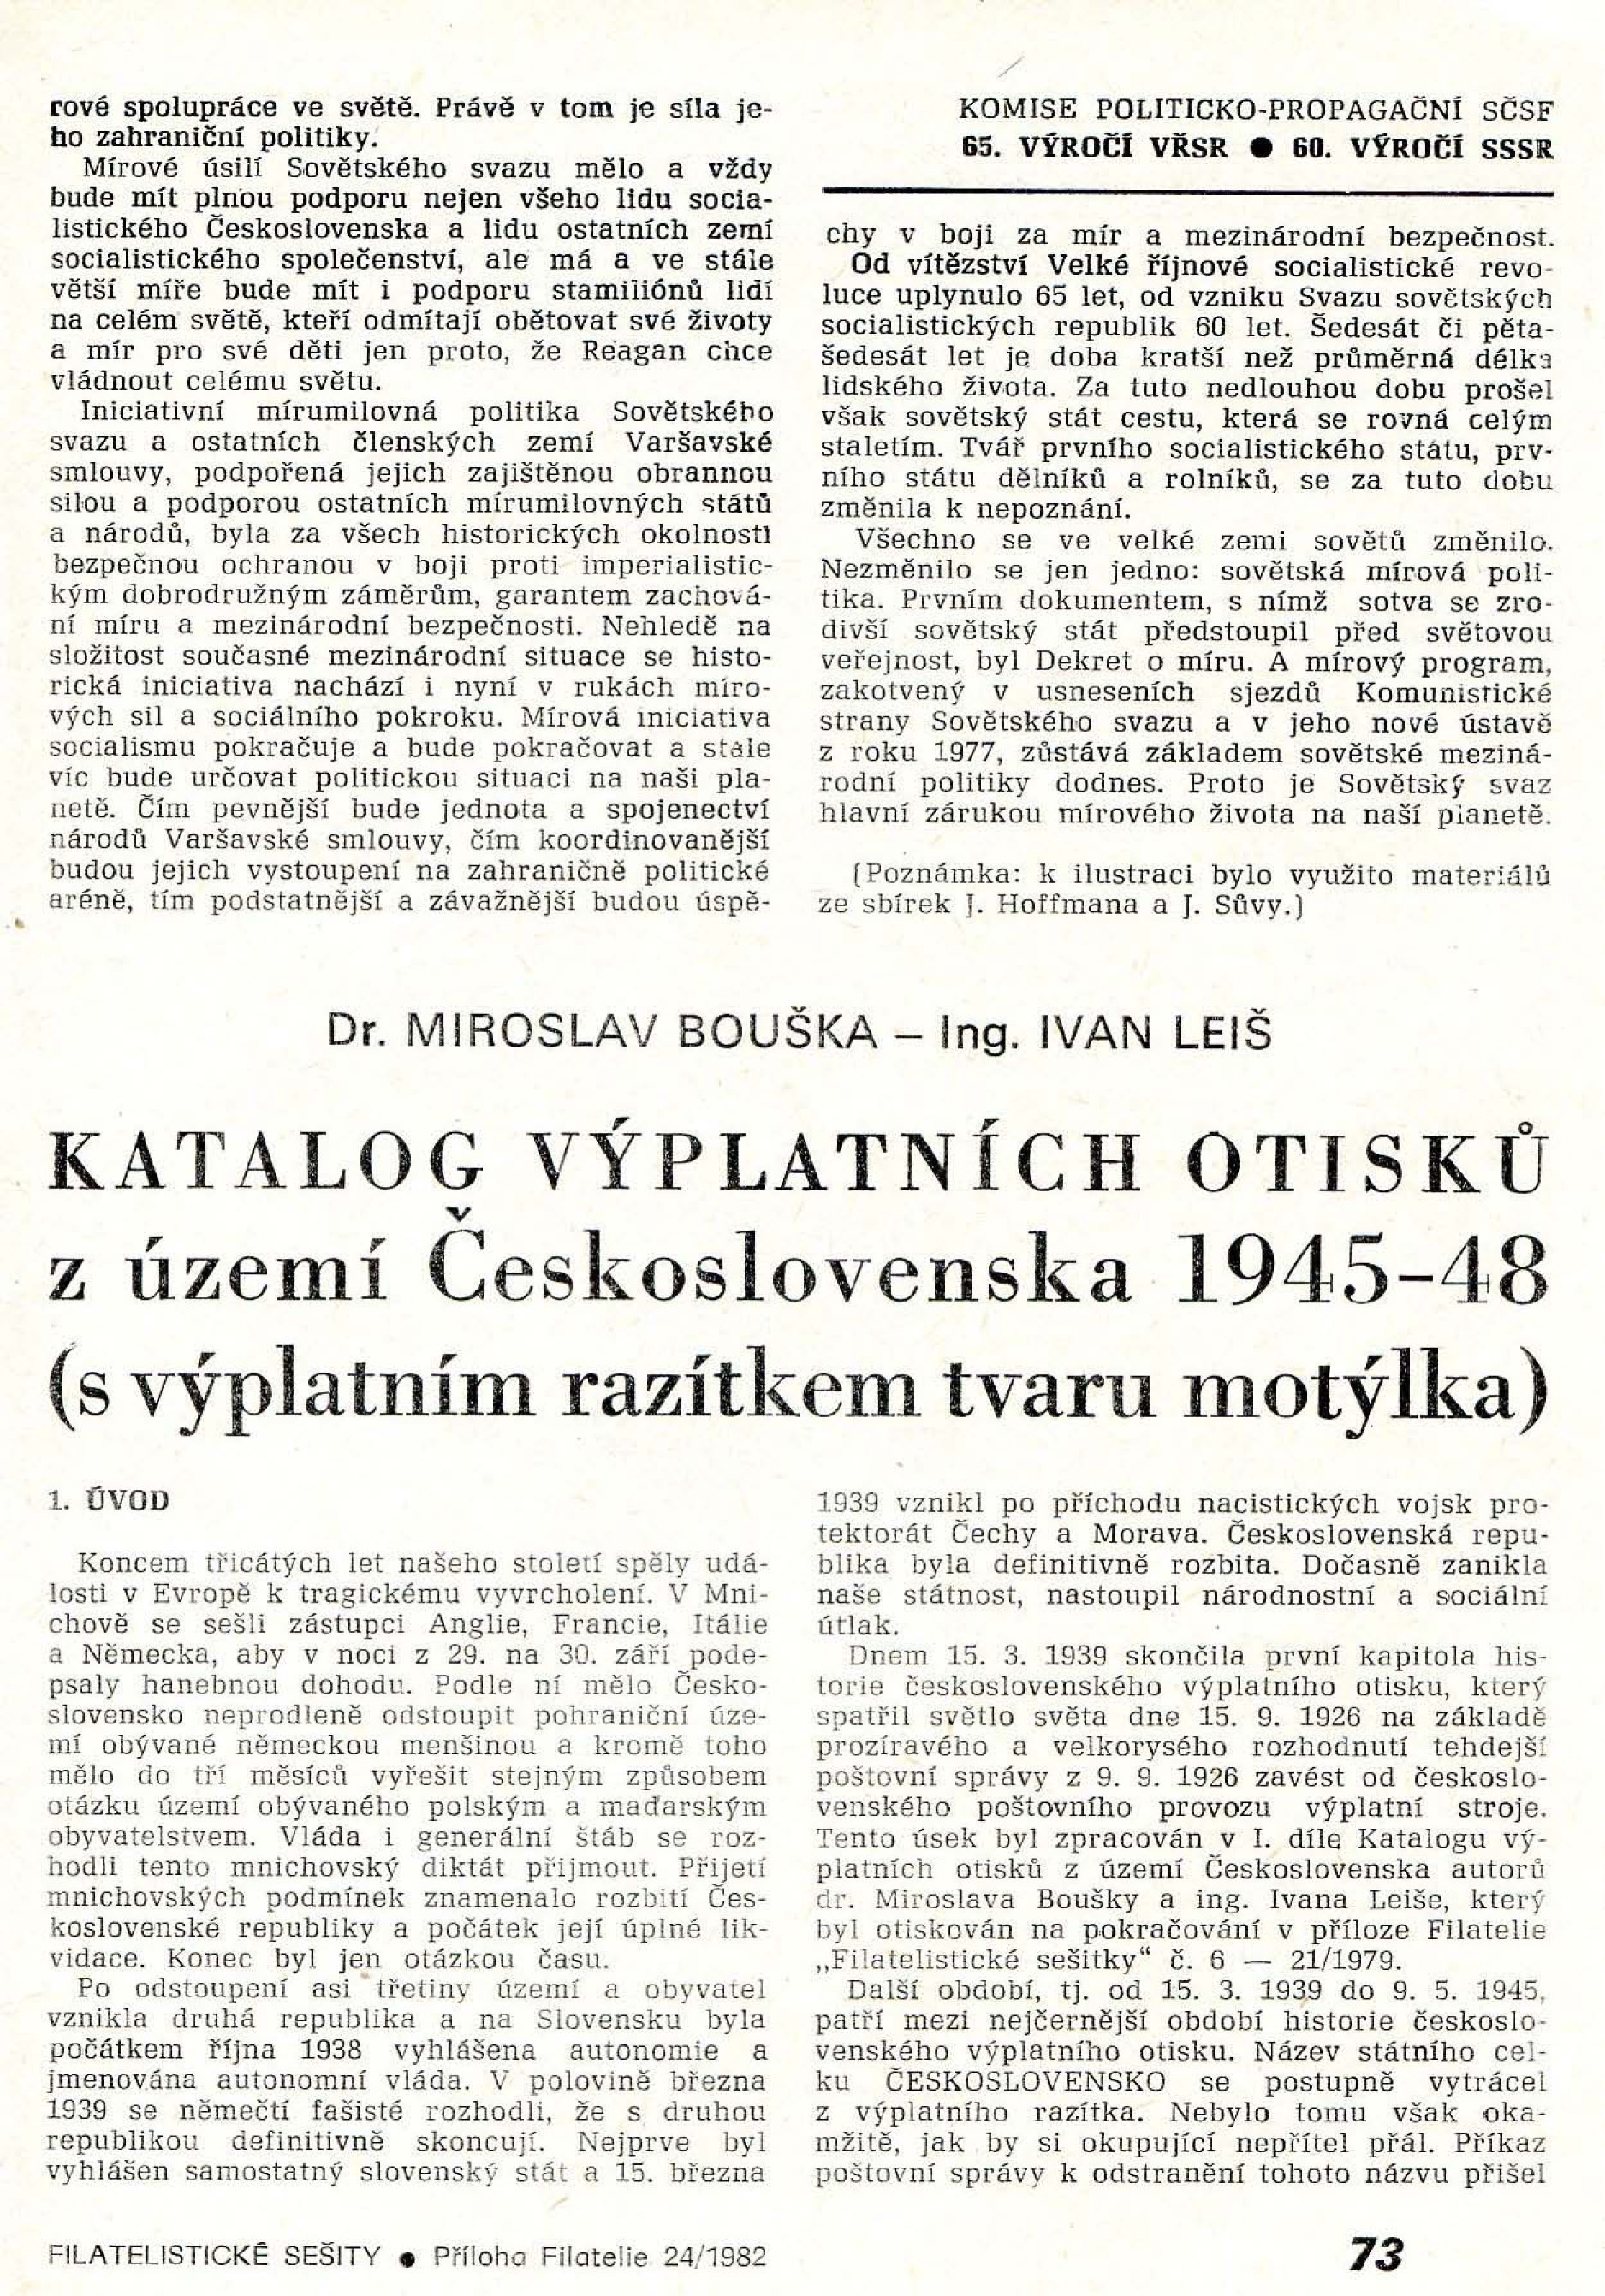 Katalog výplatních otisku z území Èeskoslovenska 1948-48